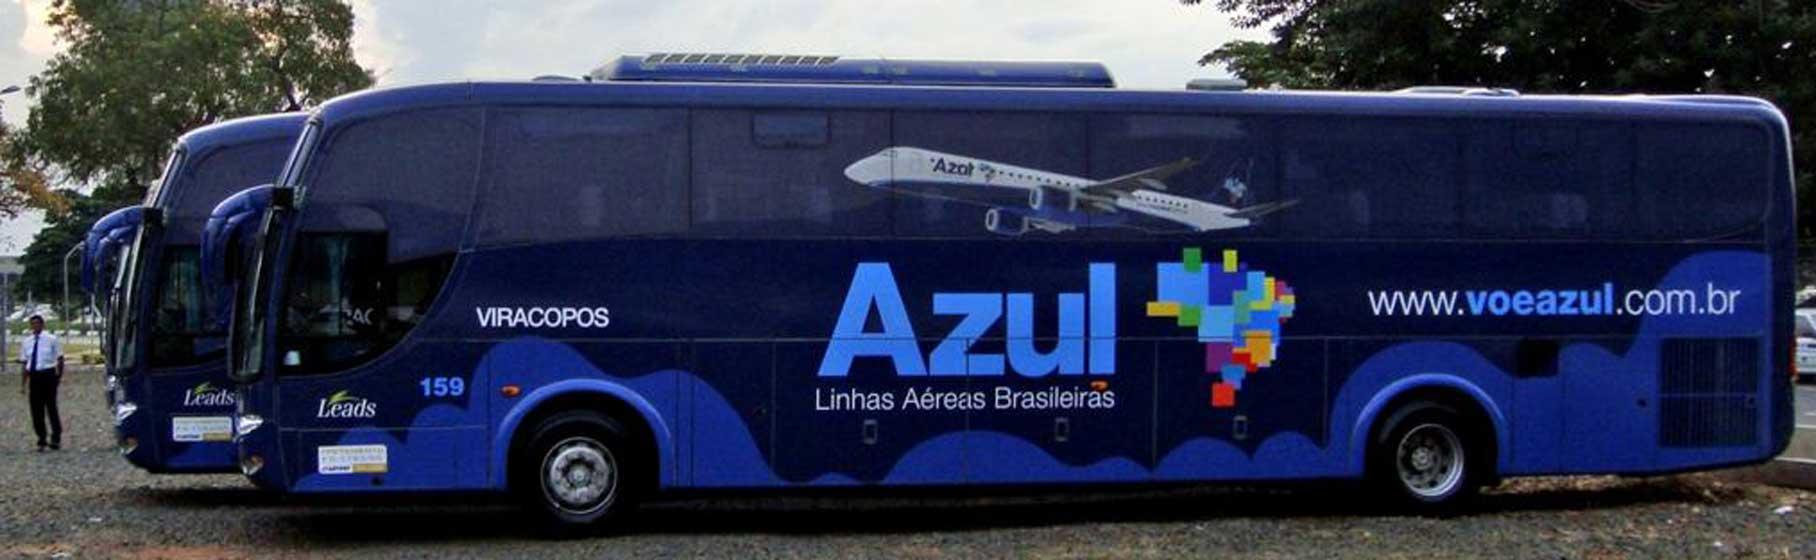 Logo_Azul-Budget-Airlines_Azul-Linhas-Aéreas-Brasileiras_dian-hasan-branding_BR-12